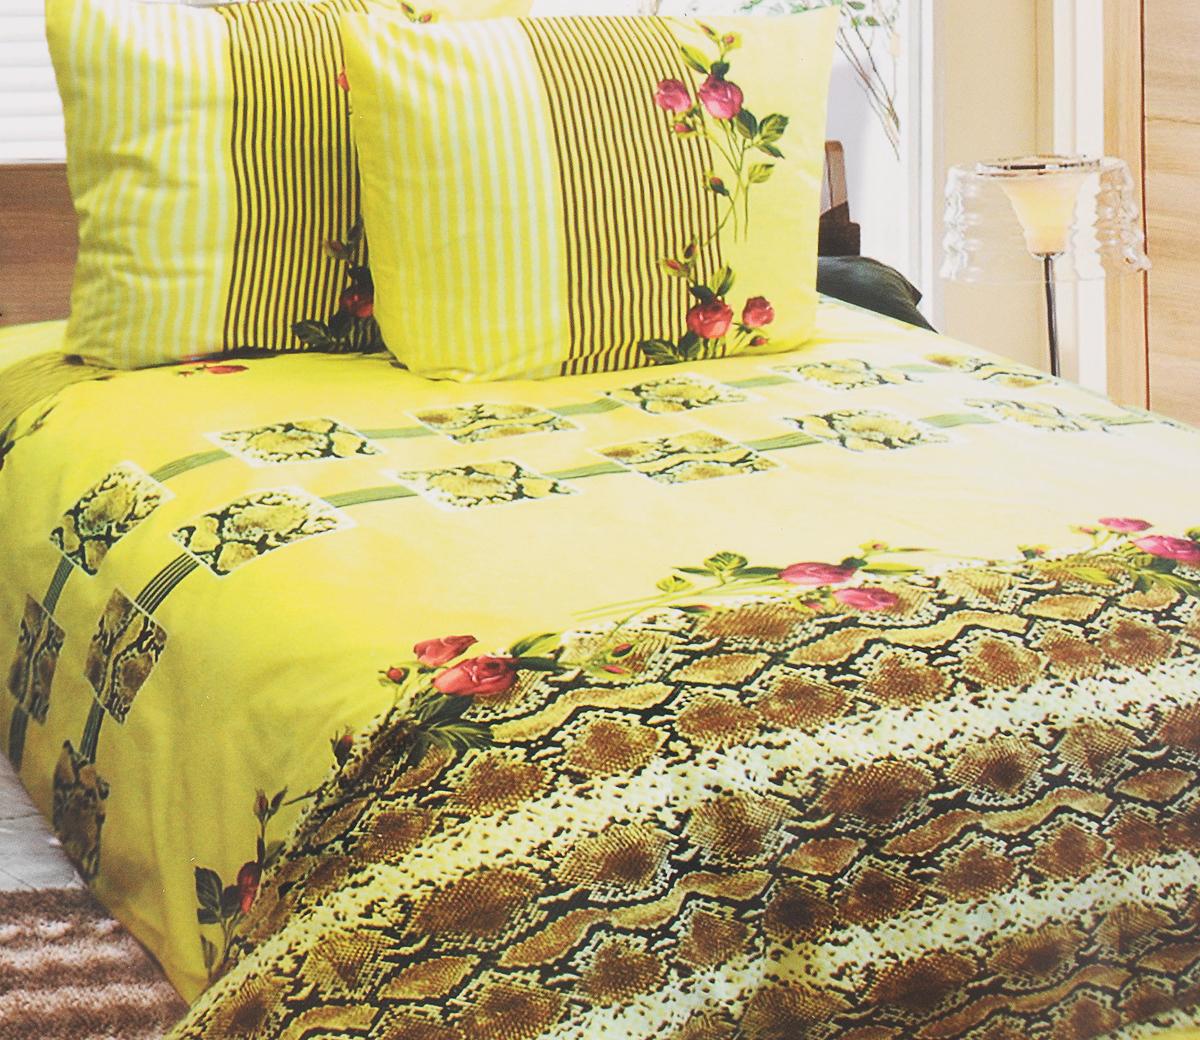 Комплект белья Катюша Клеопатра, 2-спальный, наволочки 70х70, цвет: светло-желтый, коричневый, красныйC-115/3954Комплект постельного белья Катюша Клеопатра является экологически безопасным для всей семьи, так как выполнен из бязи (100% хлопок). Комплект состоит из пододеяльника, простыни и двух наволочек. Постельное белье оформлено оригинальным рисунком и имеет изысканный внешний вид.Бязь - это ткань полотняного переплетения, изготовленная из экологически чистого и натурального 100% хлопка. Она прочная, мягкая, обладает низкой сминаемостью, легко стирается и хорошо гладится. Бязь прекрасно пропускает воздух и за ней легко ухаживать. При соблюдении рекомендуемых условий стирки, сушки и глажения ткань имеет усадку по ГОСТу, сохранятся яркость текстильных рисунков. Приобретая комплект постельного белья Катюша Клеопатра, вы можете быть уверенны в том, что покупка доставит вам и вашим близким удовольствие иподарит максимальный комфорт.